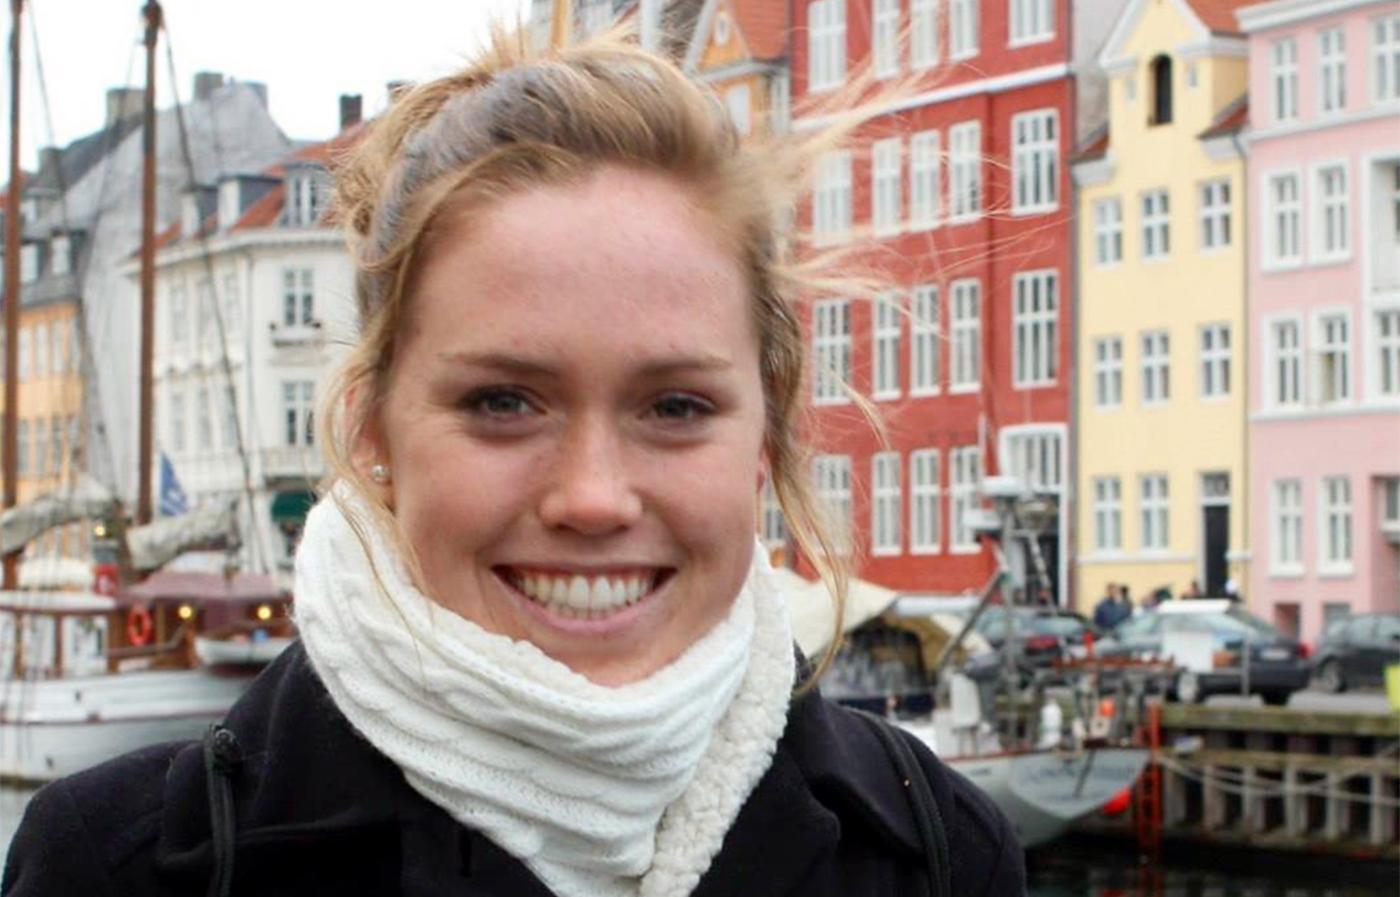 Kelsey Heflin